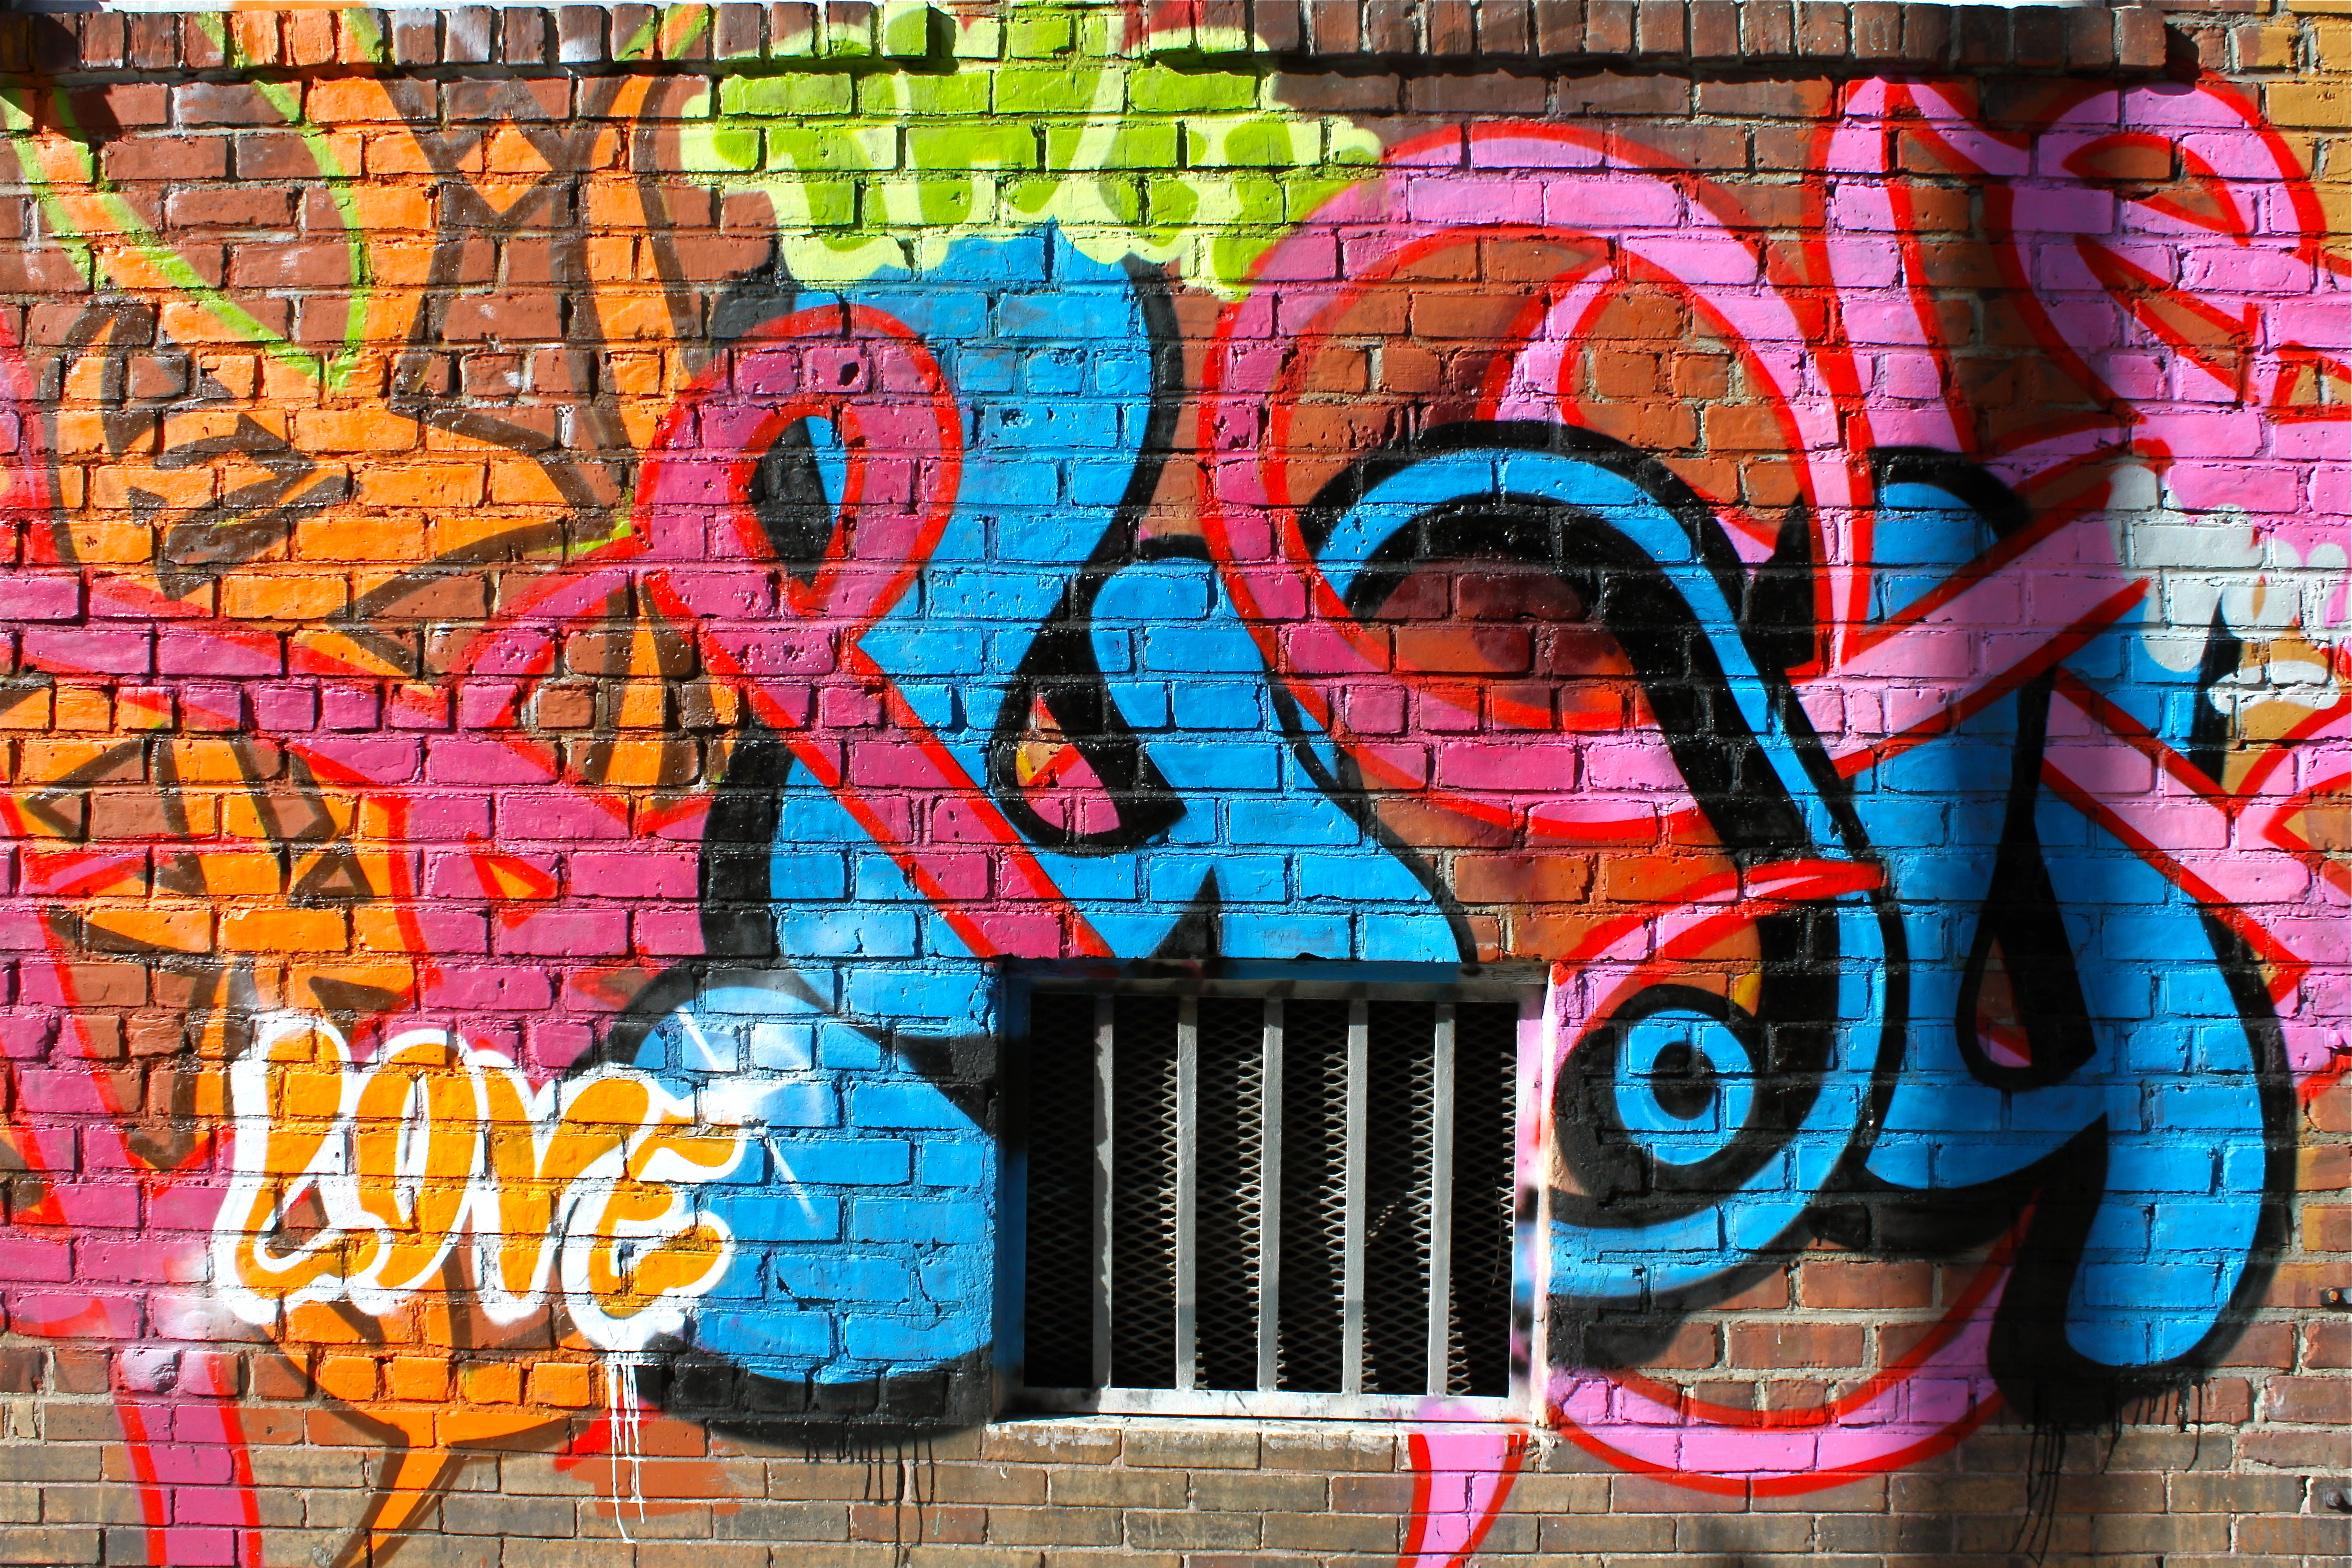 broome st nyc street art graffiti